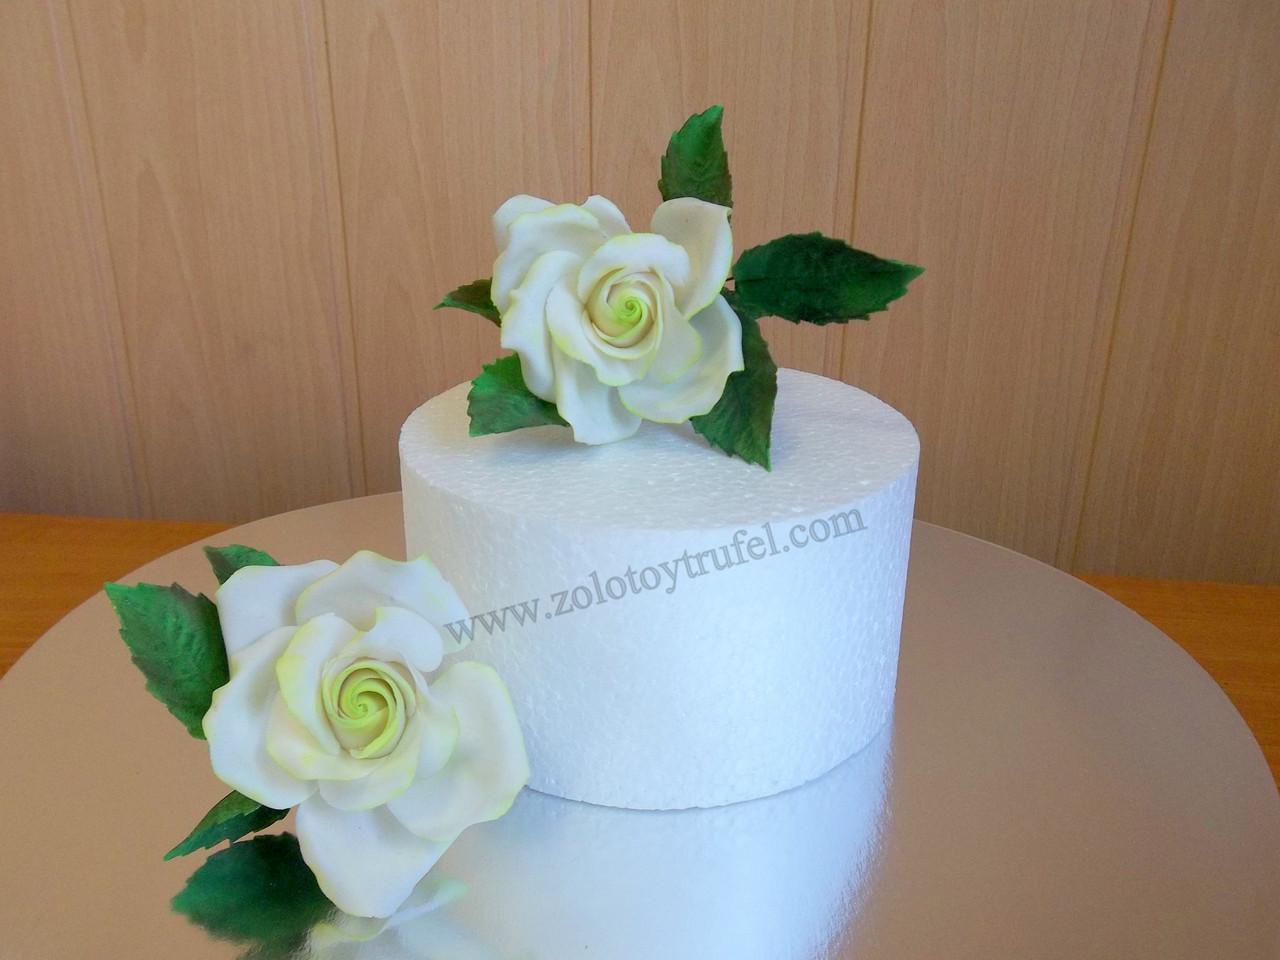 Муляж для торта из пенопласта - круг Ф 26 см h 10 см